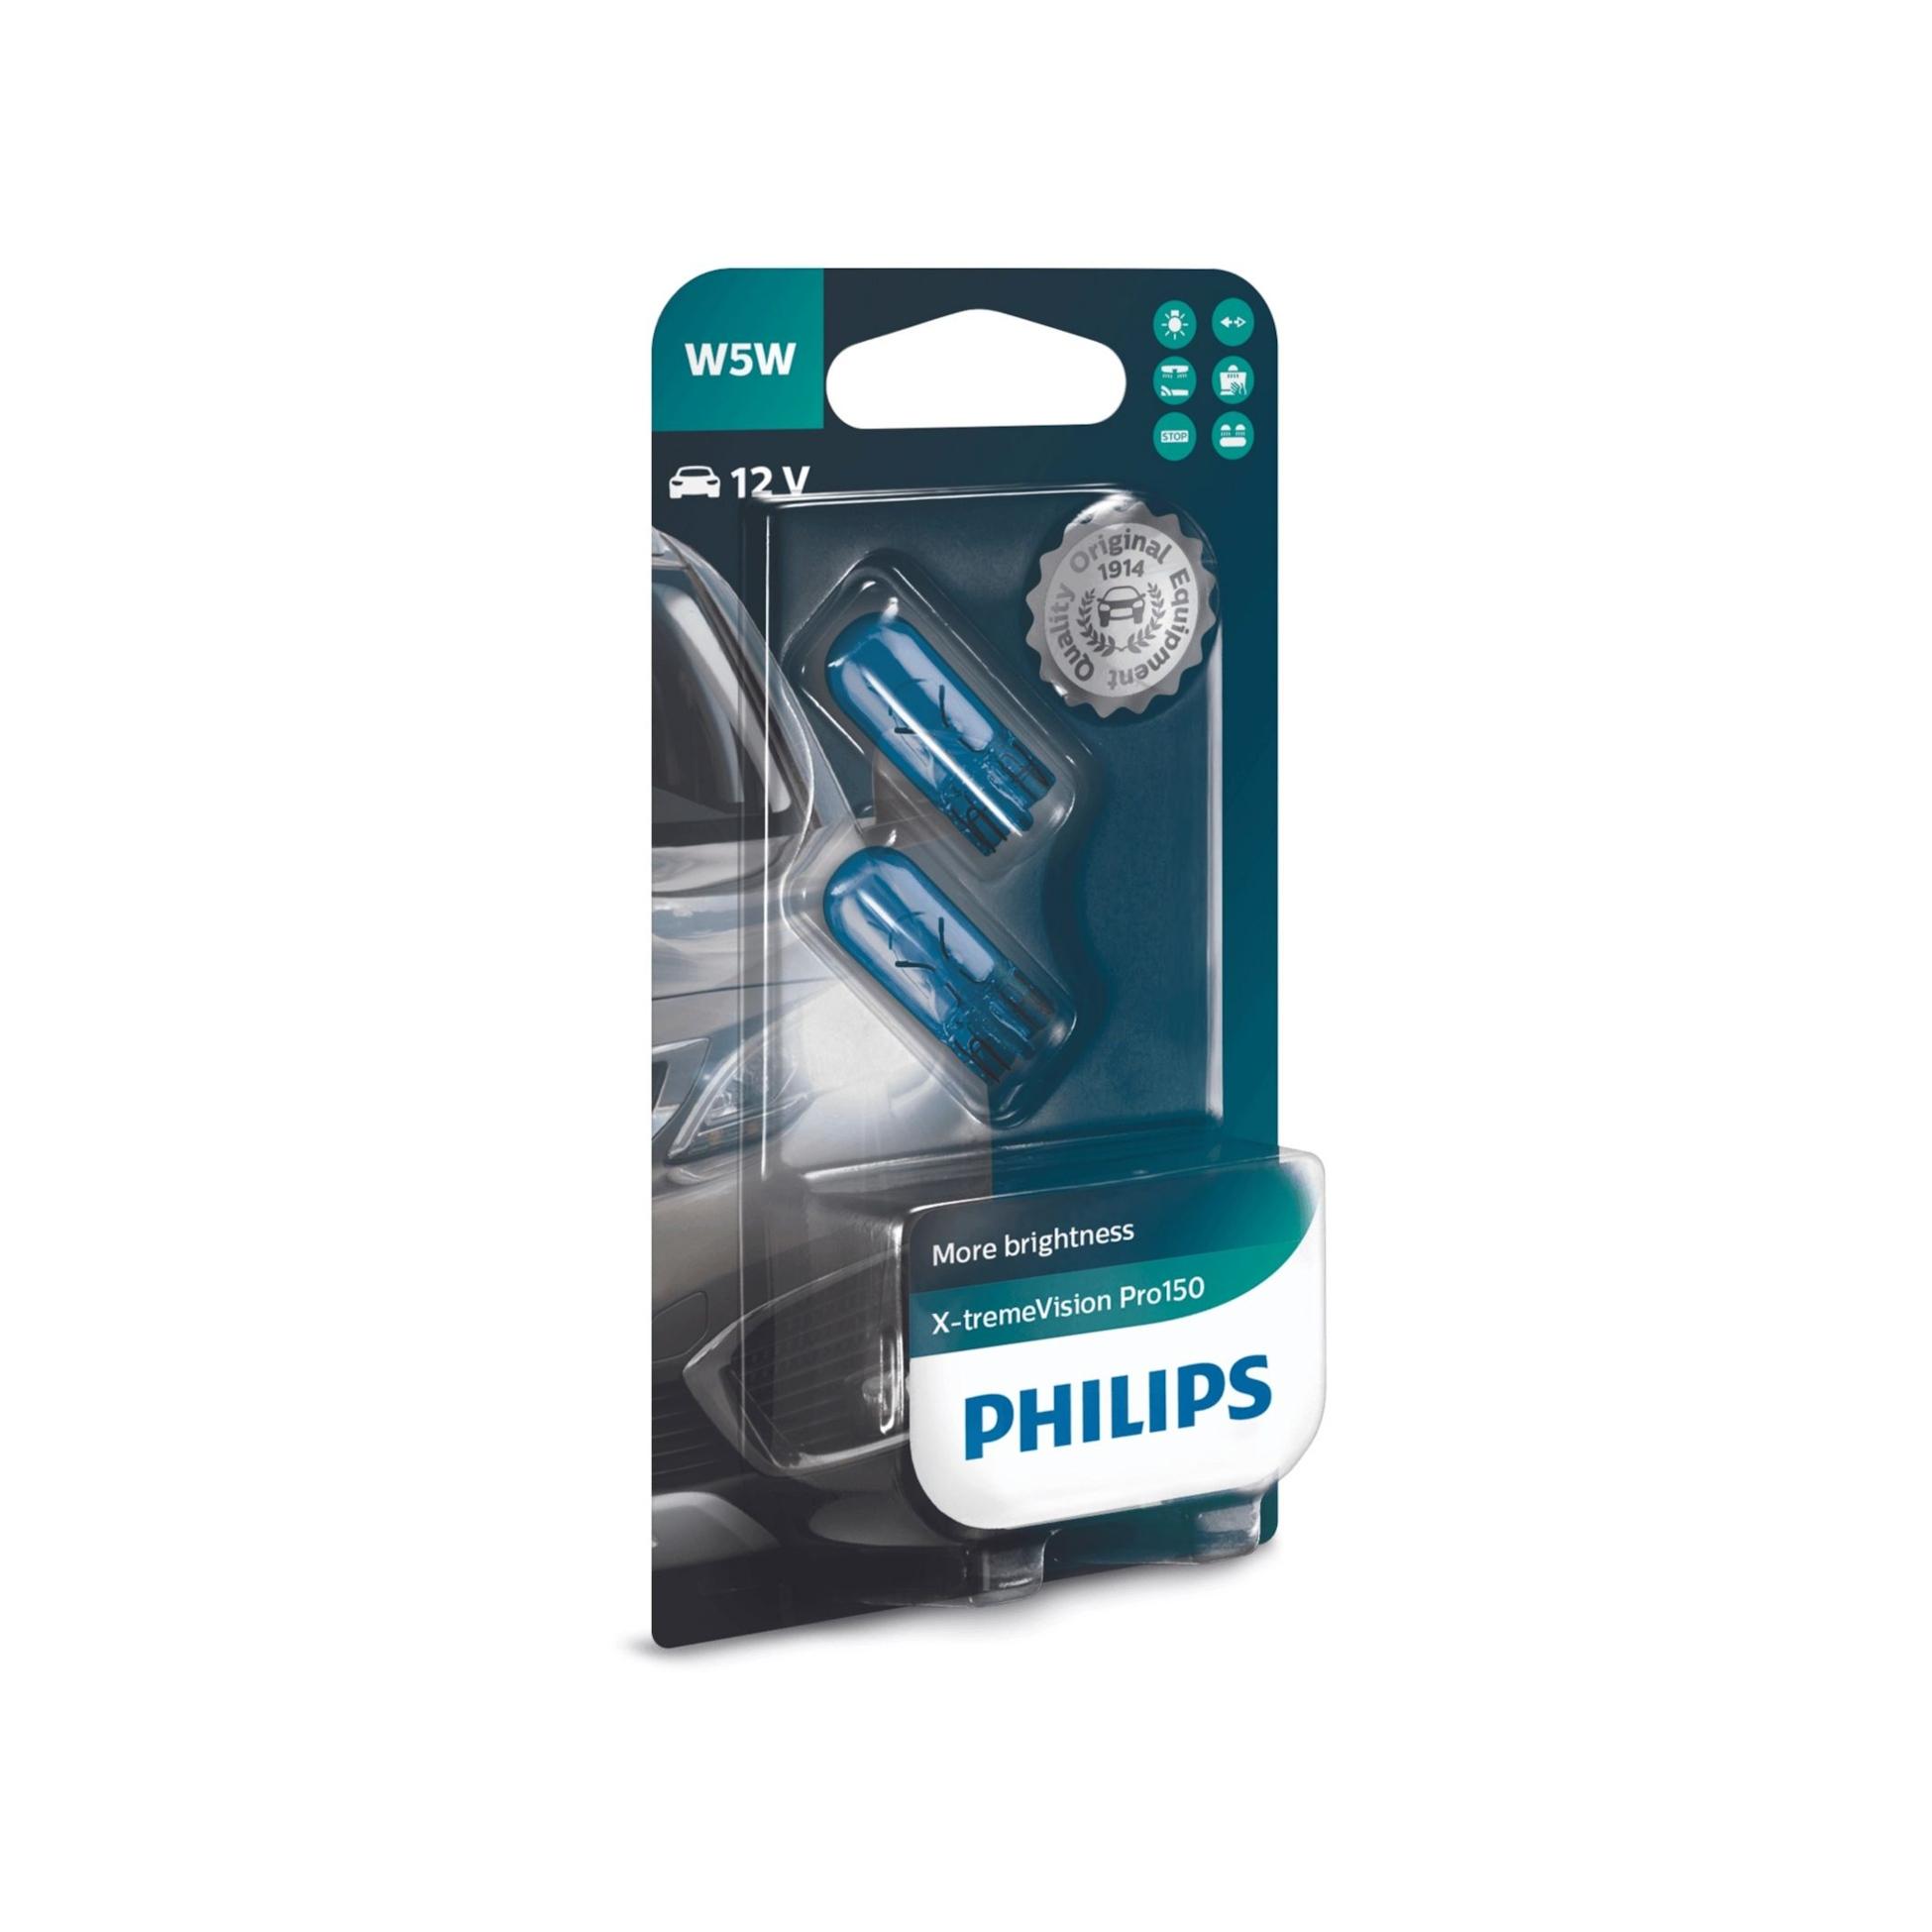 Philips X-tremeVision Pro150 12961XVPB2 W5W 12V 5W